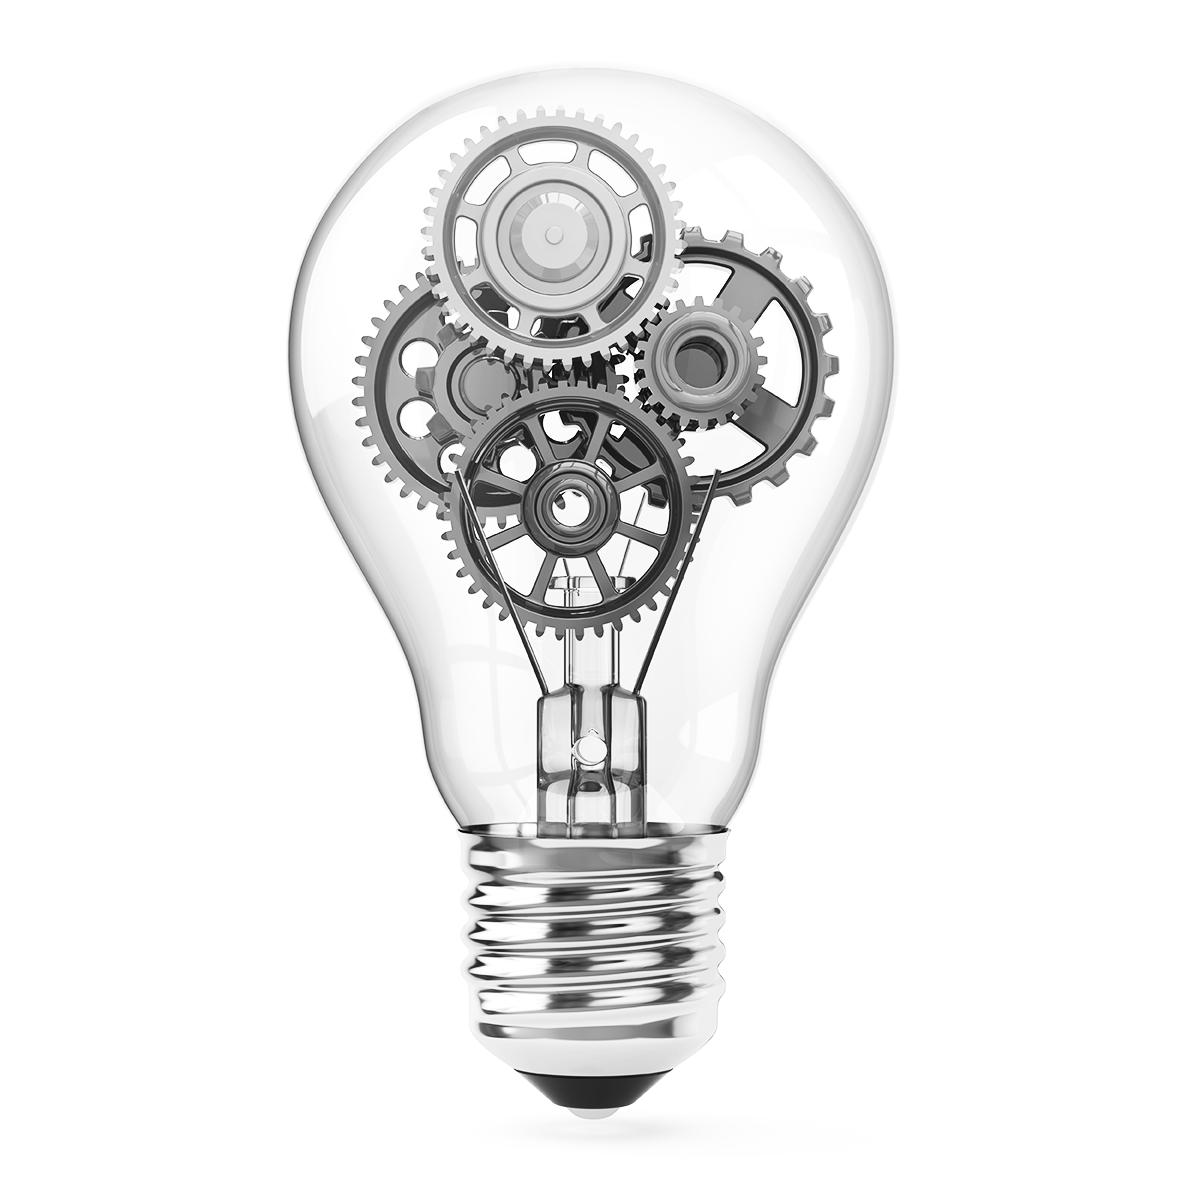 Gear inside Lamp image